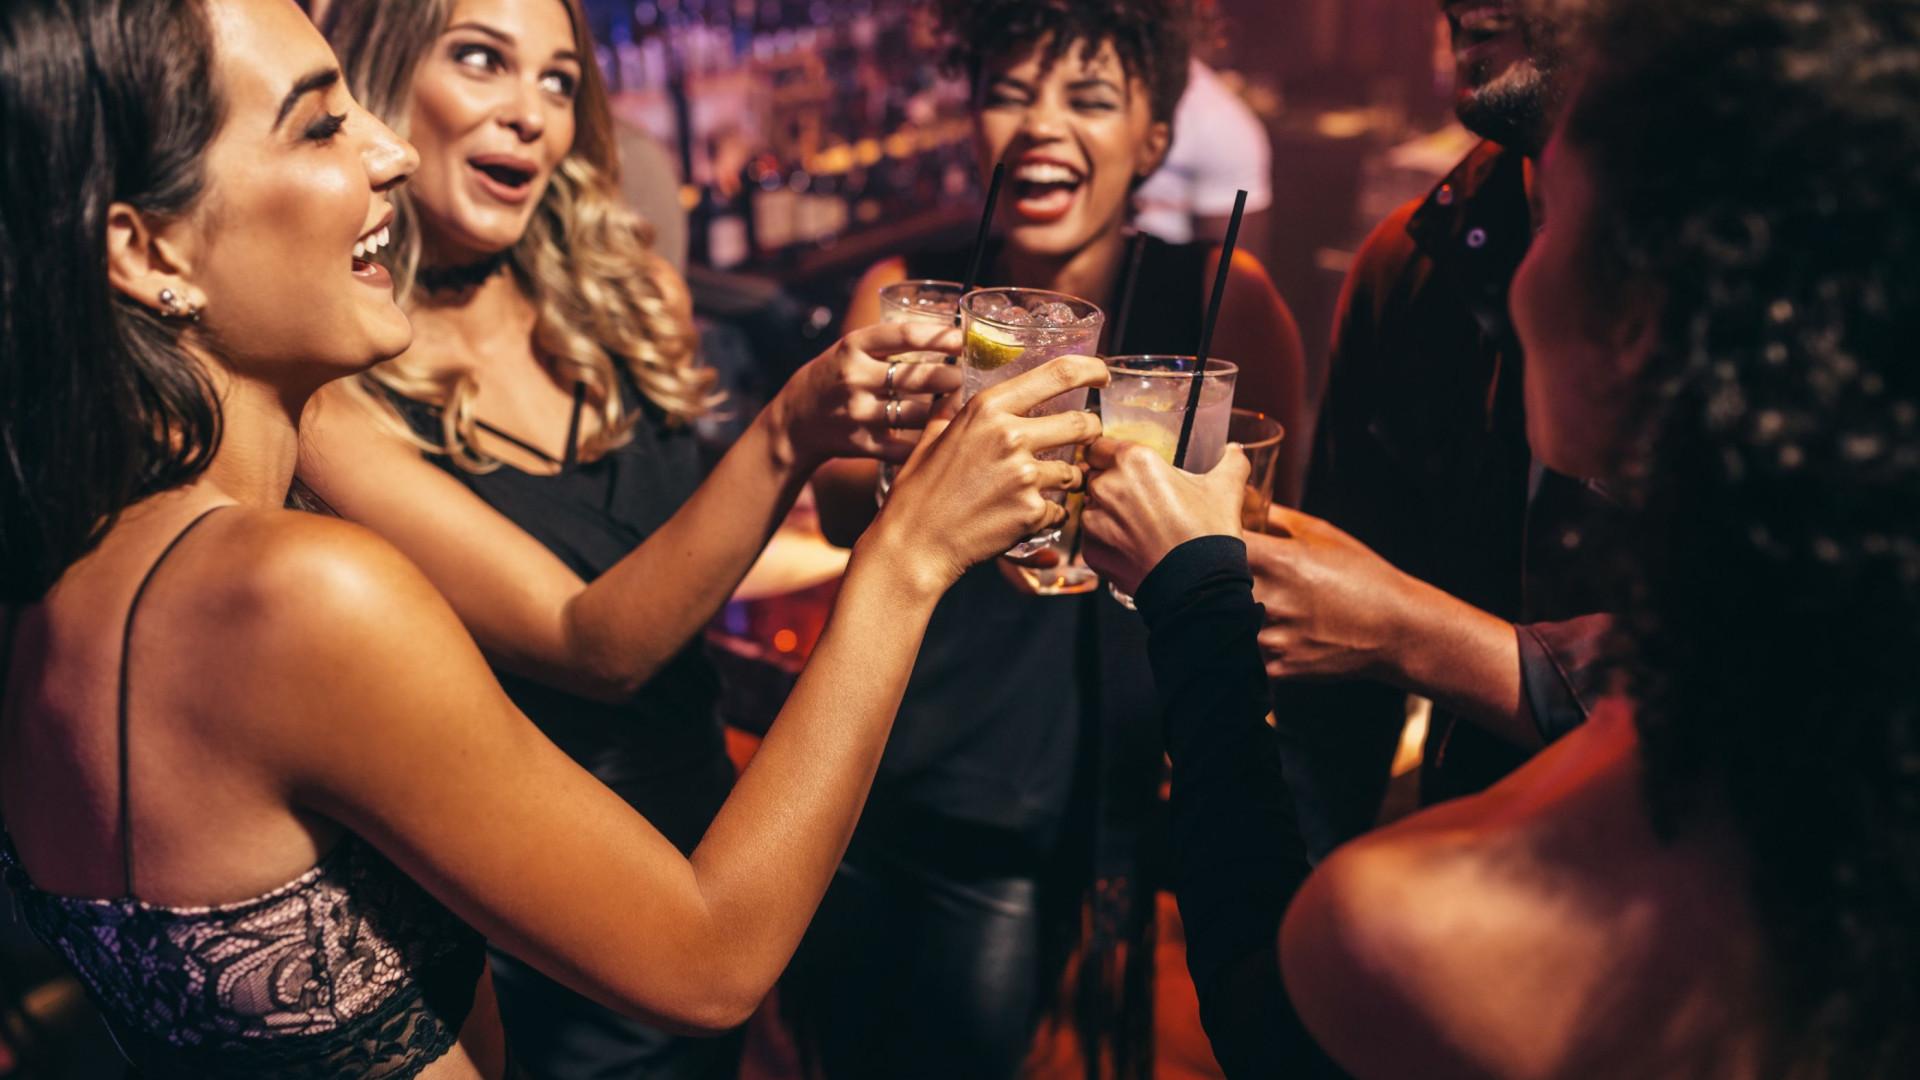 Por quanto tempo o álcool fica no organismo? E quando é seguro conduzir?